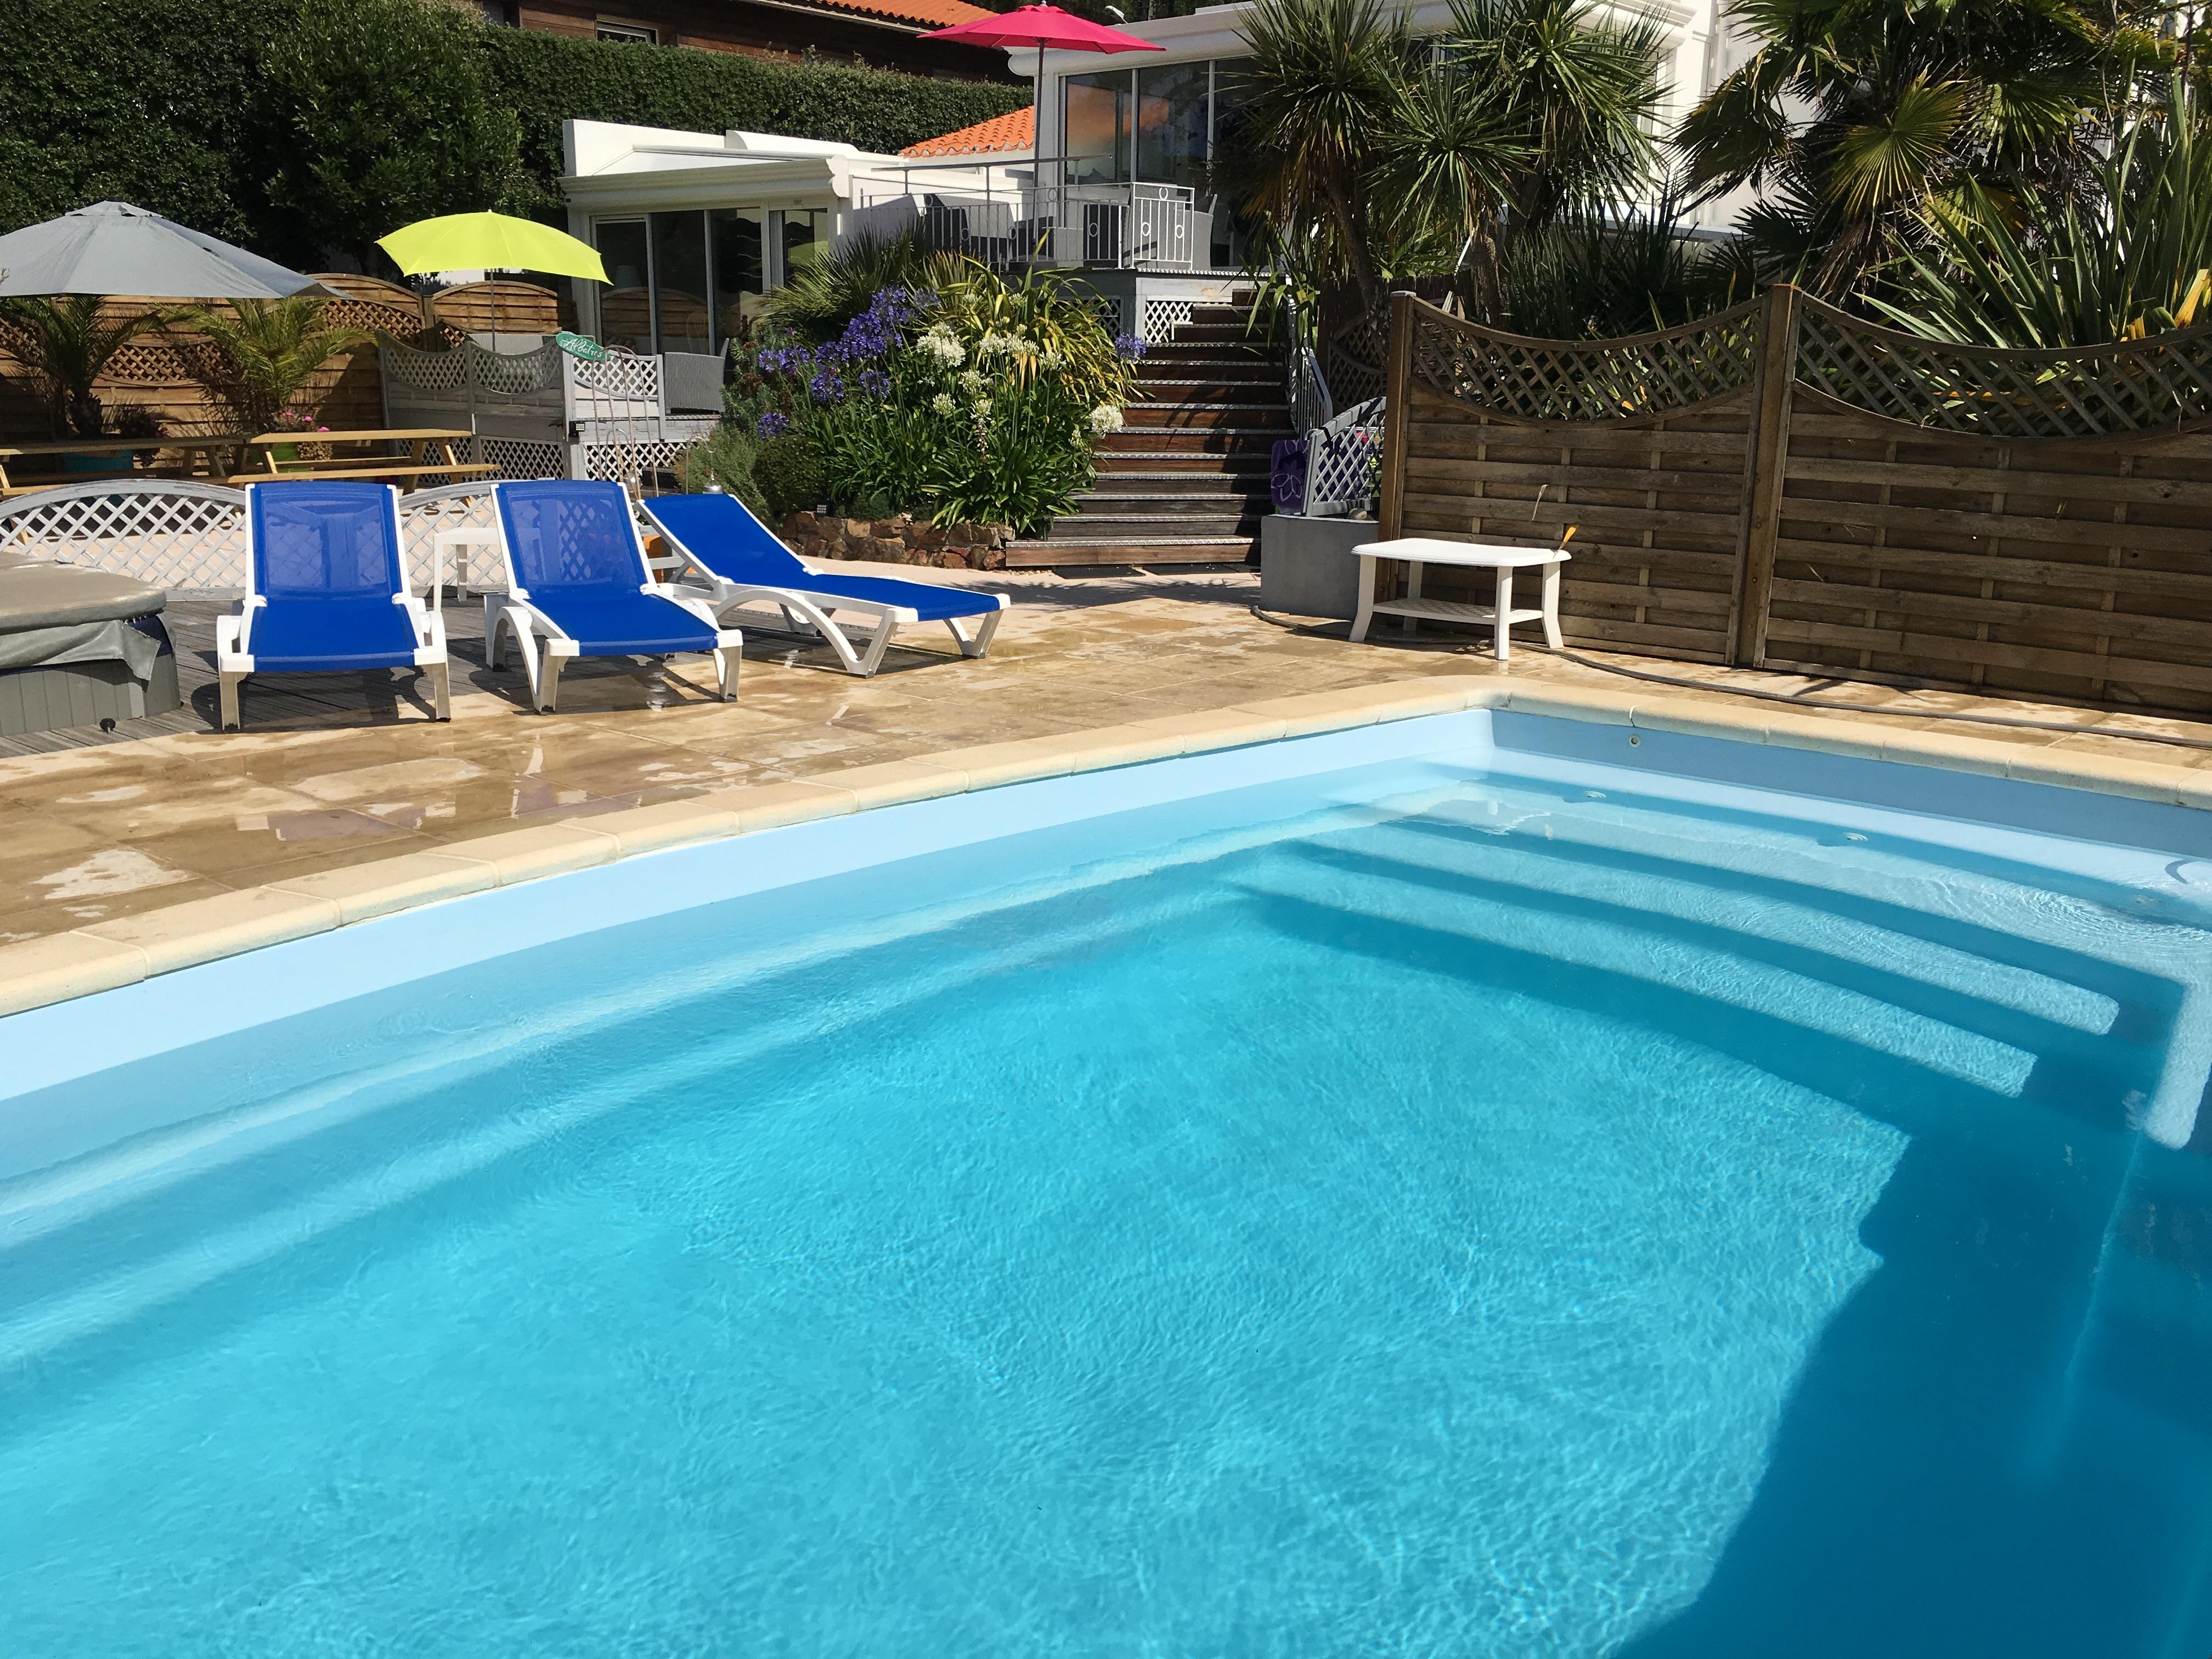 Villa colombier piscine priv e chauff e couverte les for Piscine les sables d olonne